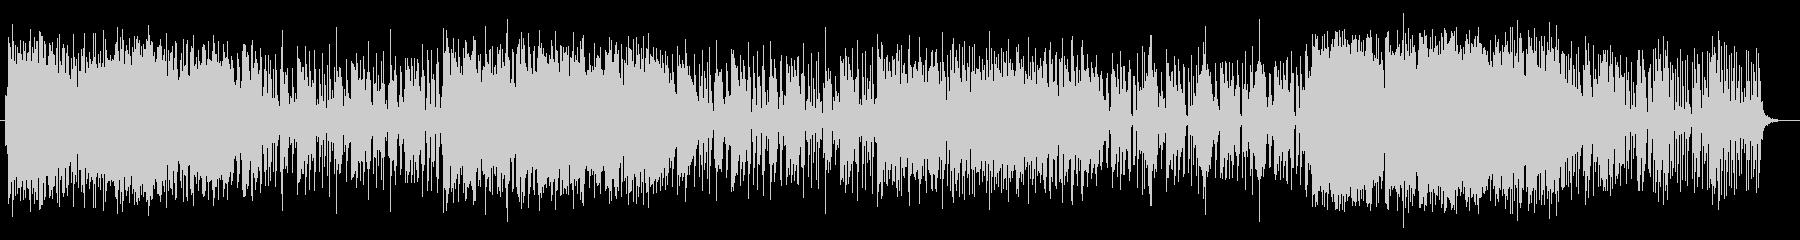 オシャレで華麗なジャズBGMの未再生の波形